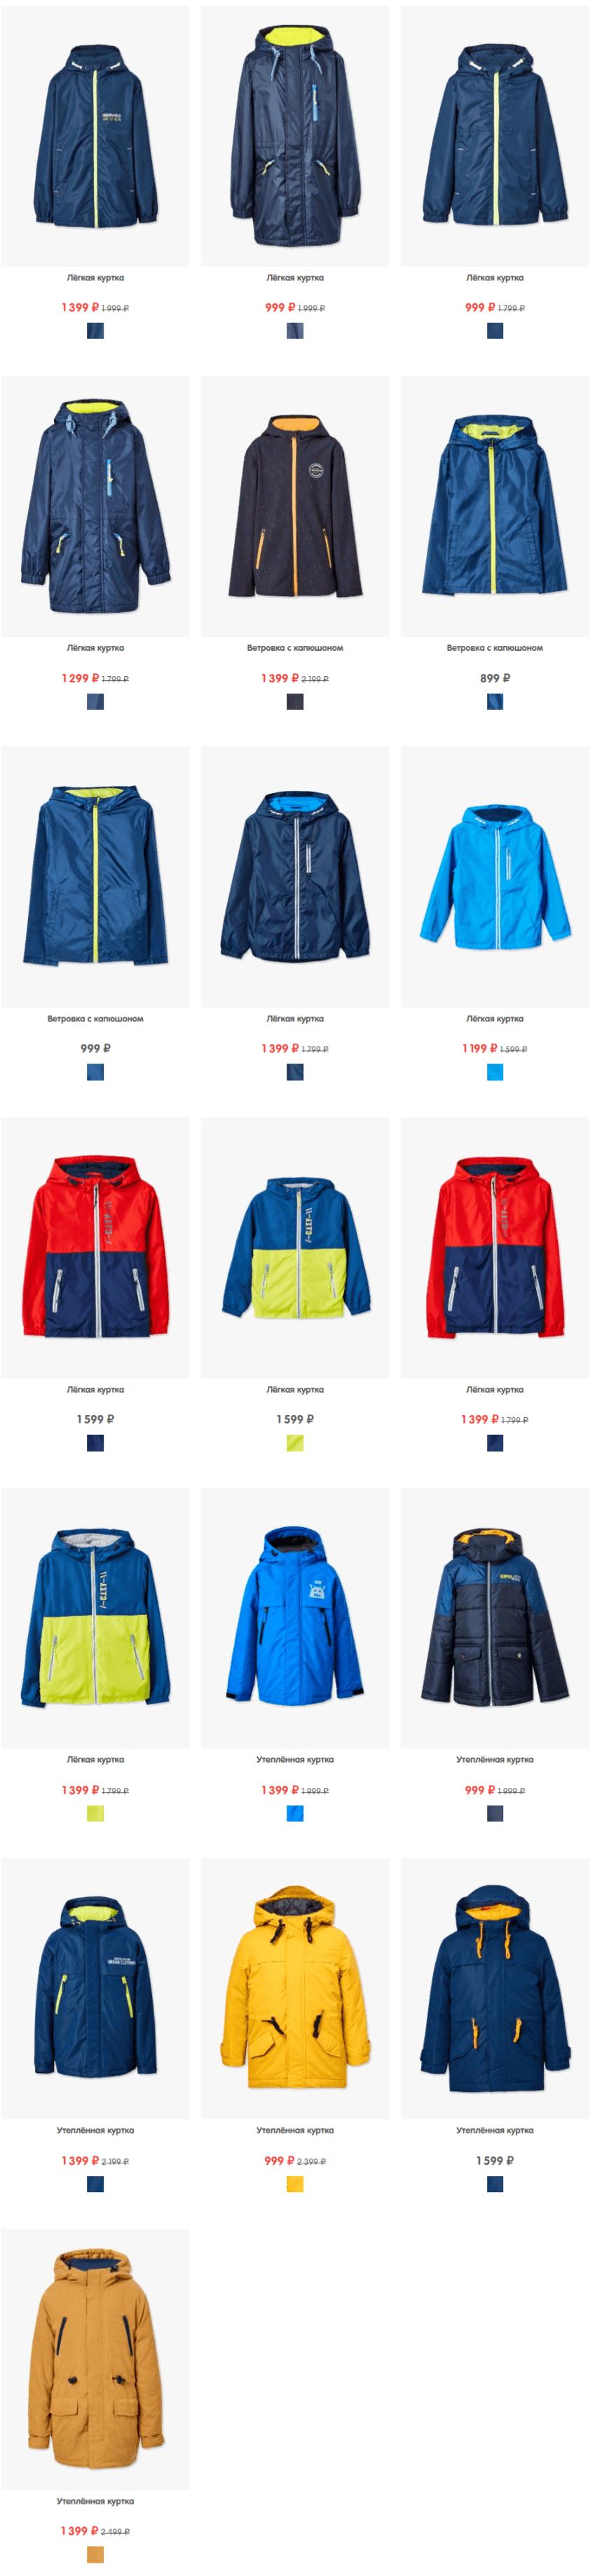 Фан дей одежда каталог официальный сайт тюмень